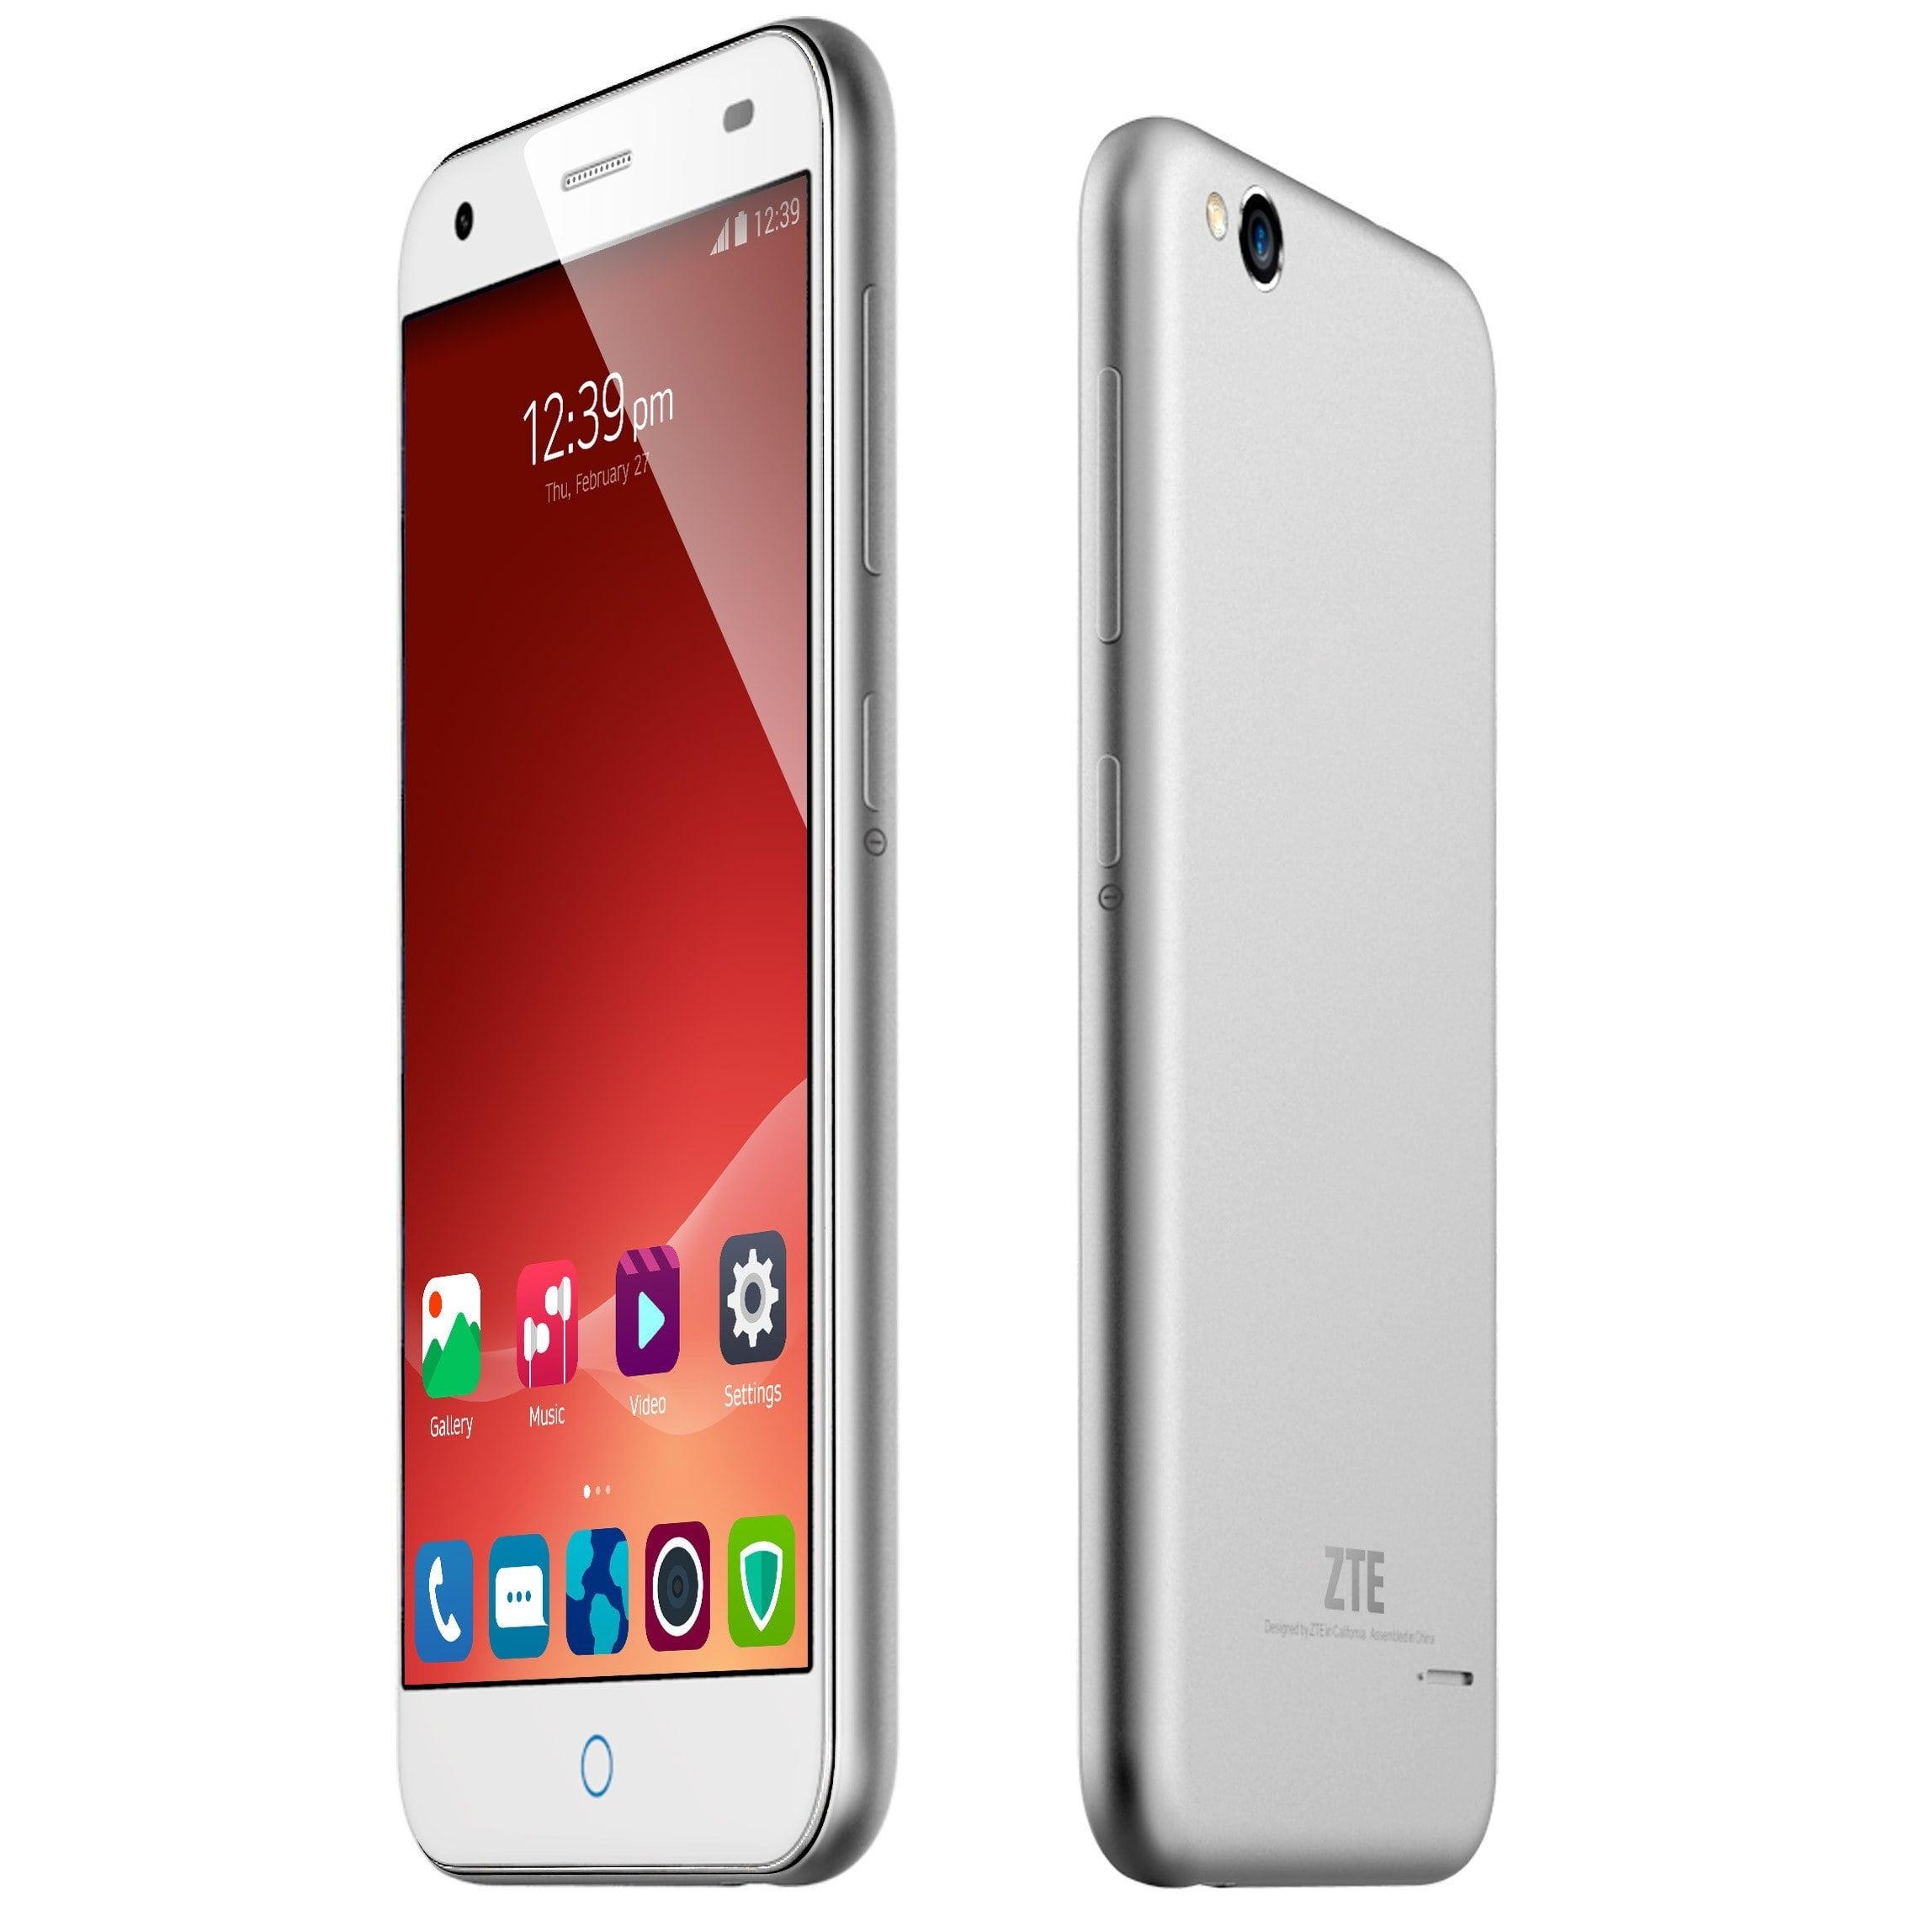 ZTE Blade S6 oficjalnie ze Snapdragonem 615 i Androidem 5.0 Lollipop 31